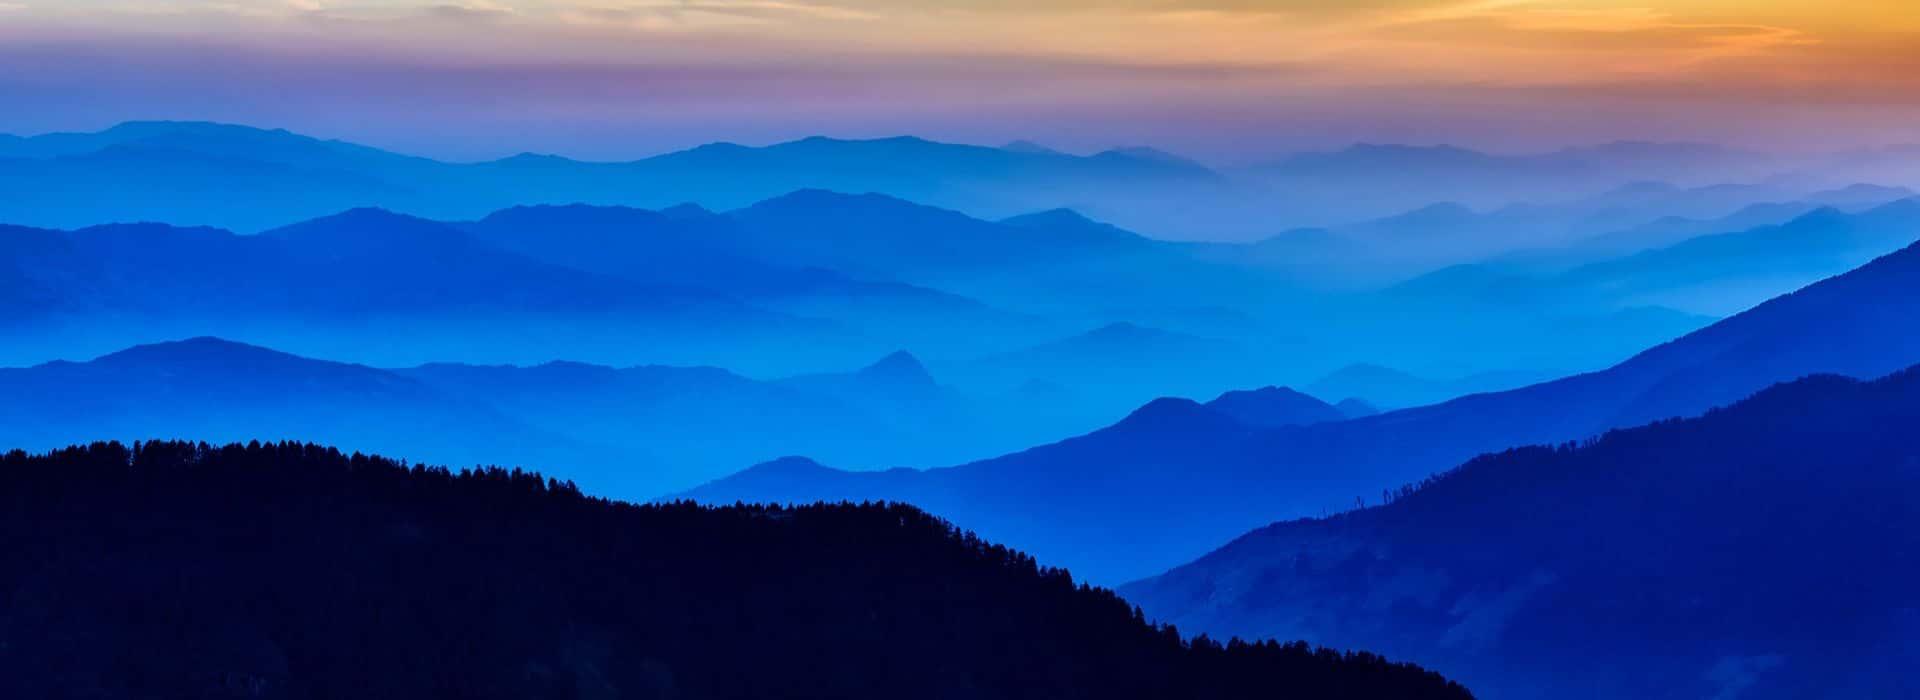 Nepal The Beautiful Slog